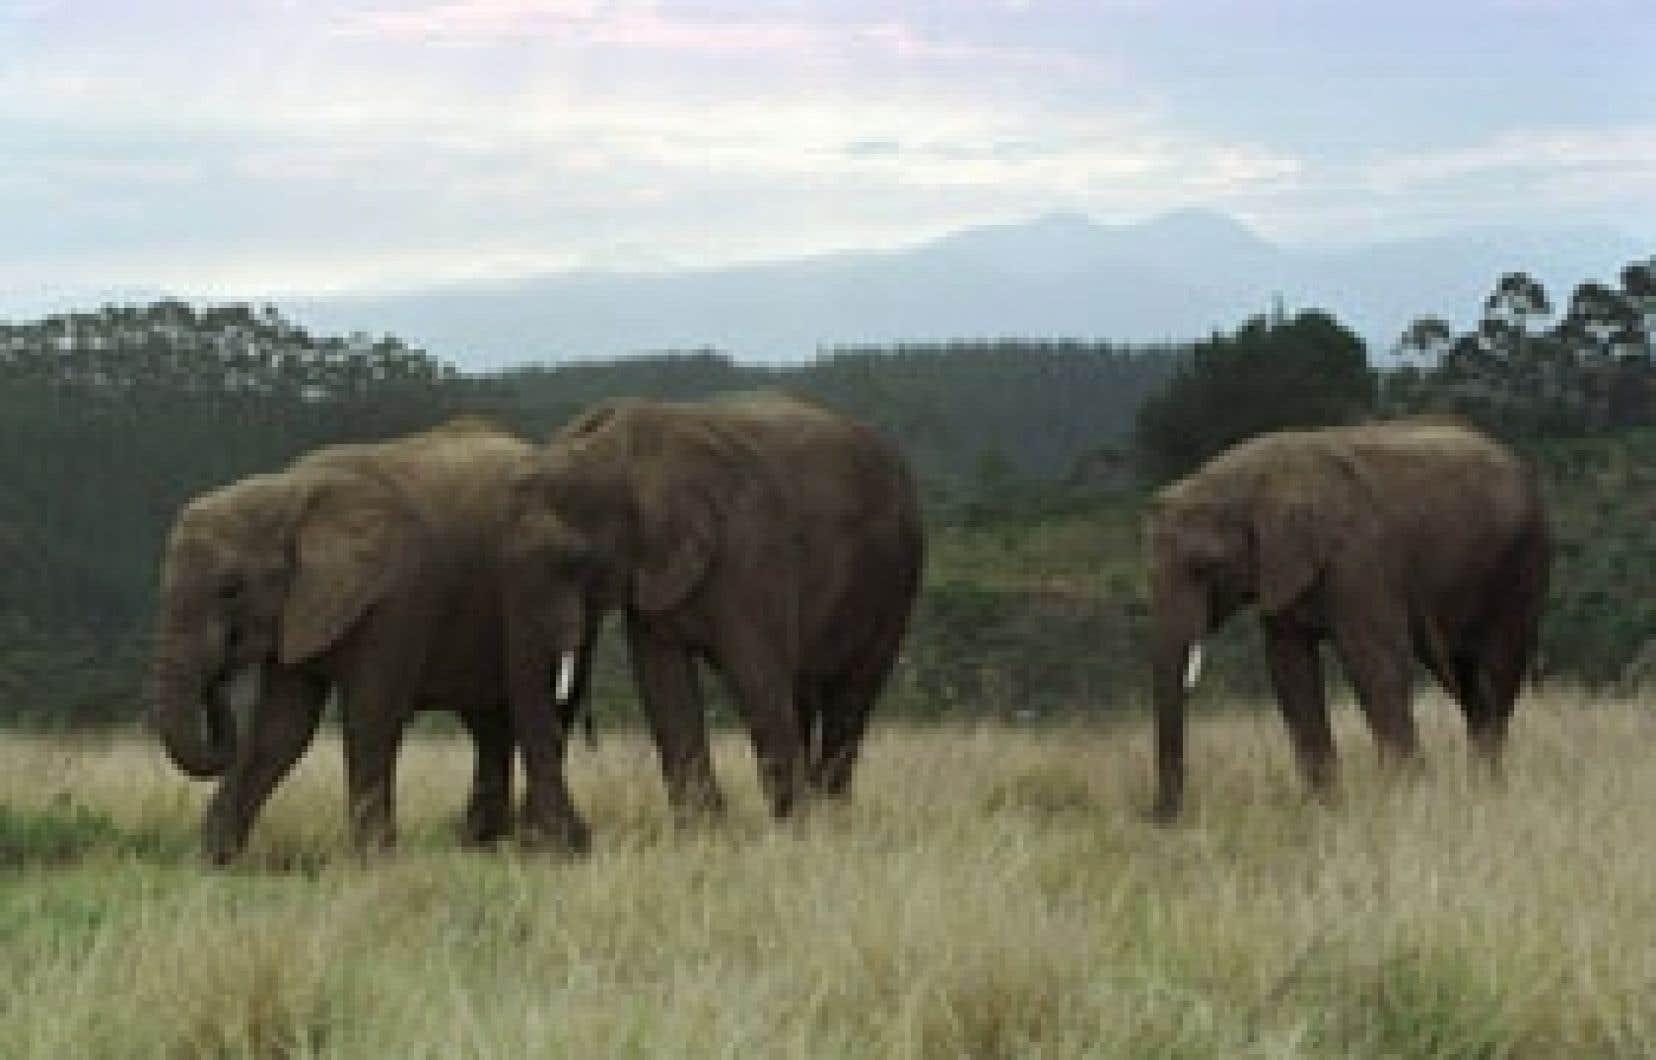 La décision de l'Afrique du Sud va mettre un terme presque complet à l'élevage en captivité des lions, des léopards, des rhinocéros, des buffles et même des éléphants en certains endroits, les «Big Five», en somme, qui ont fait la renommé